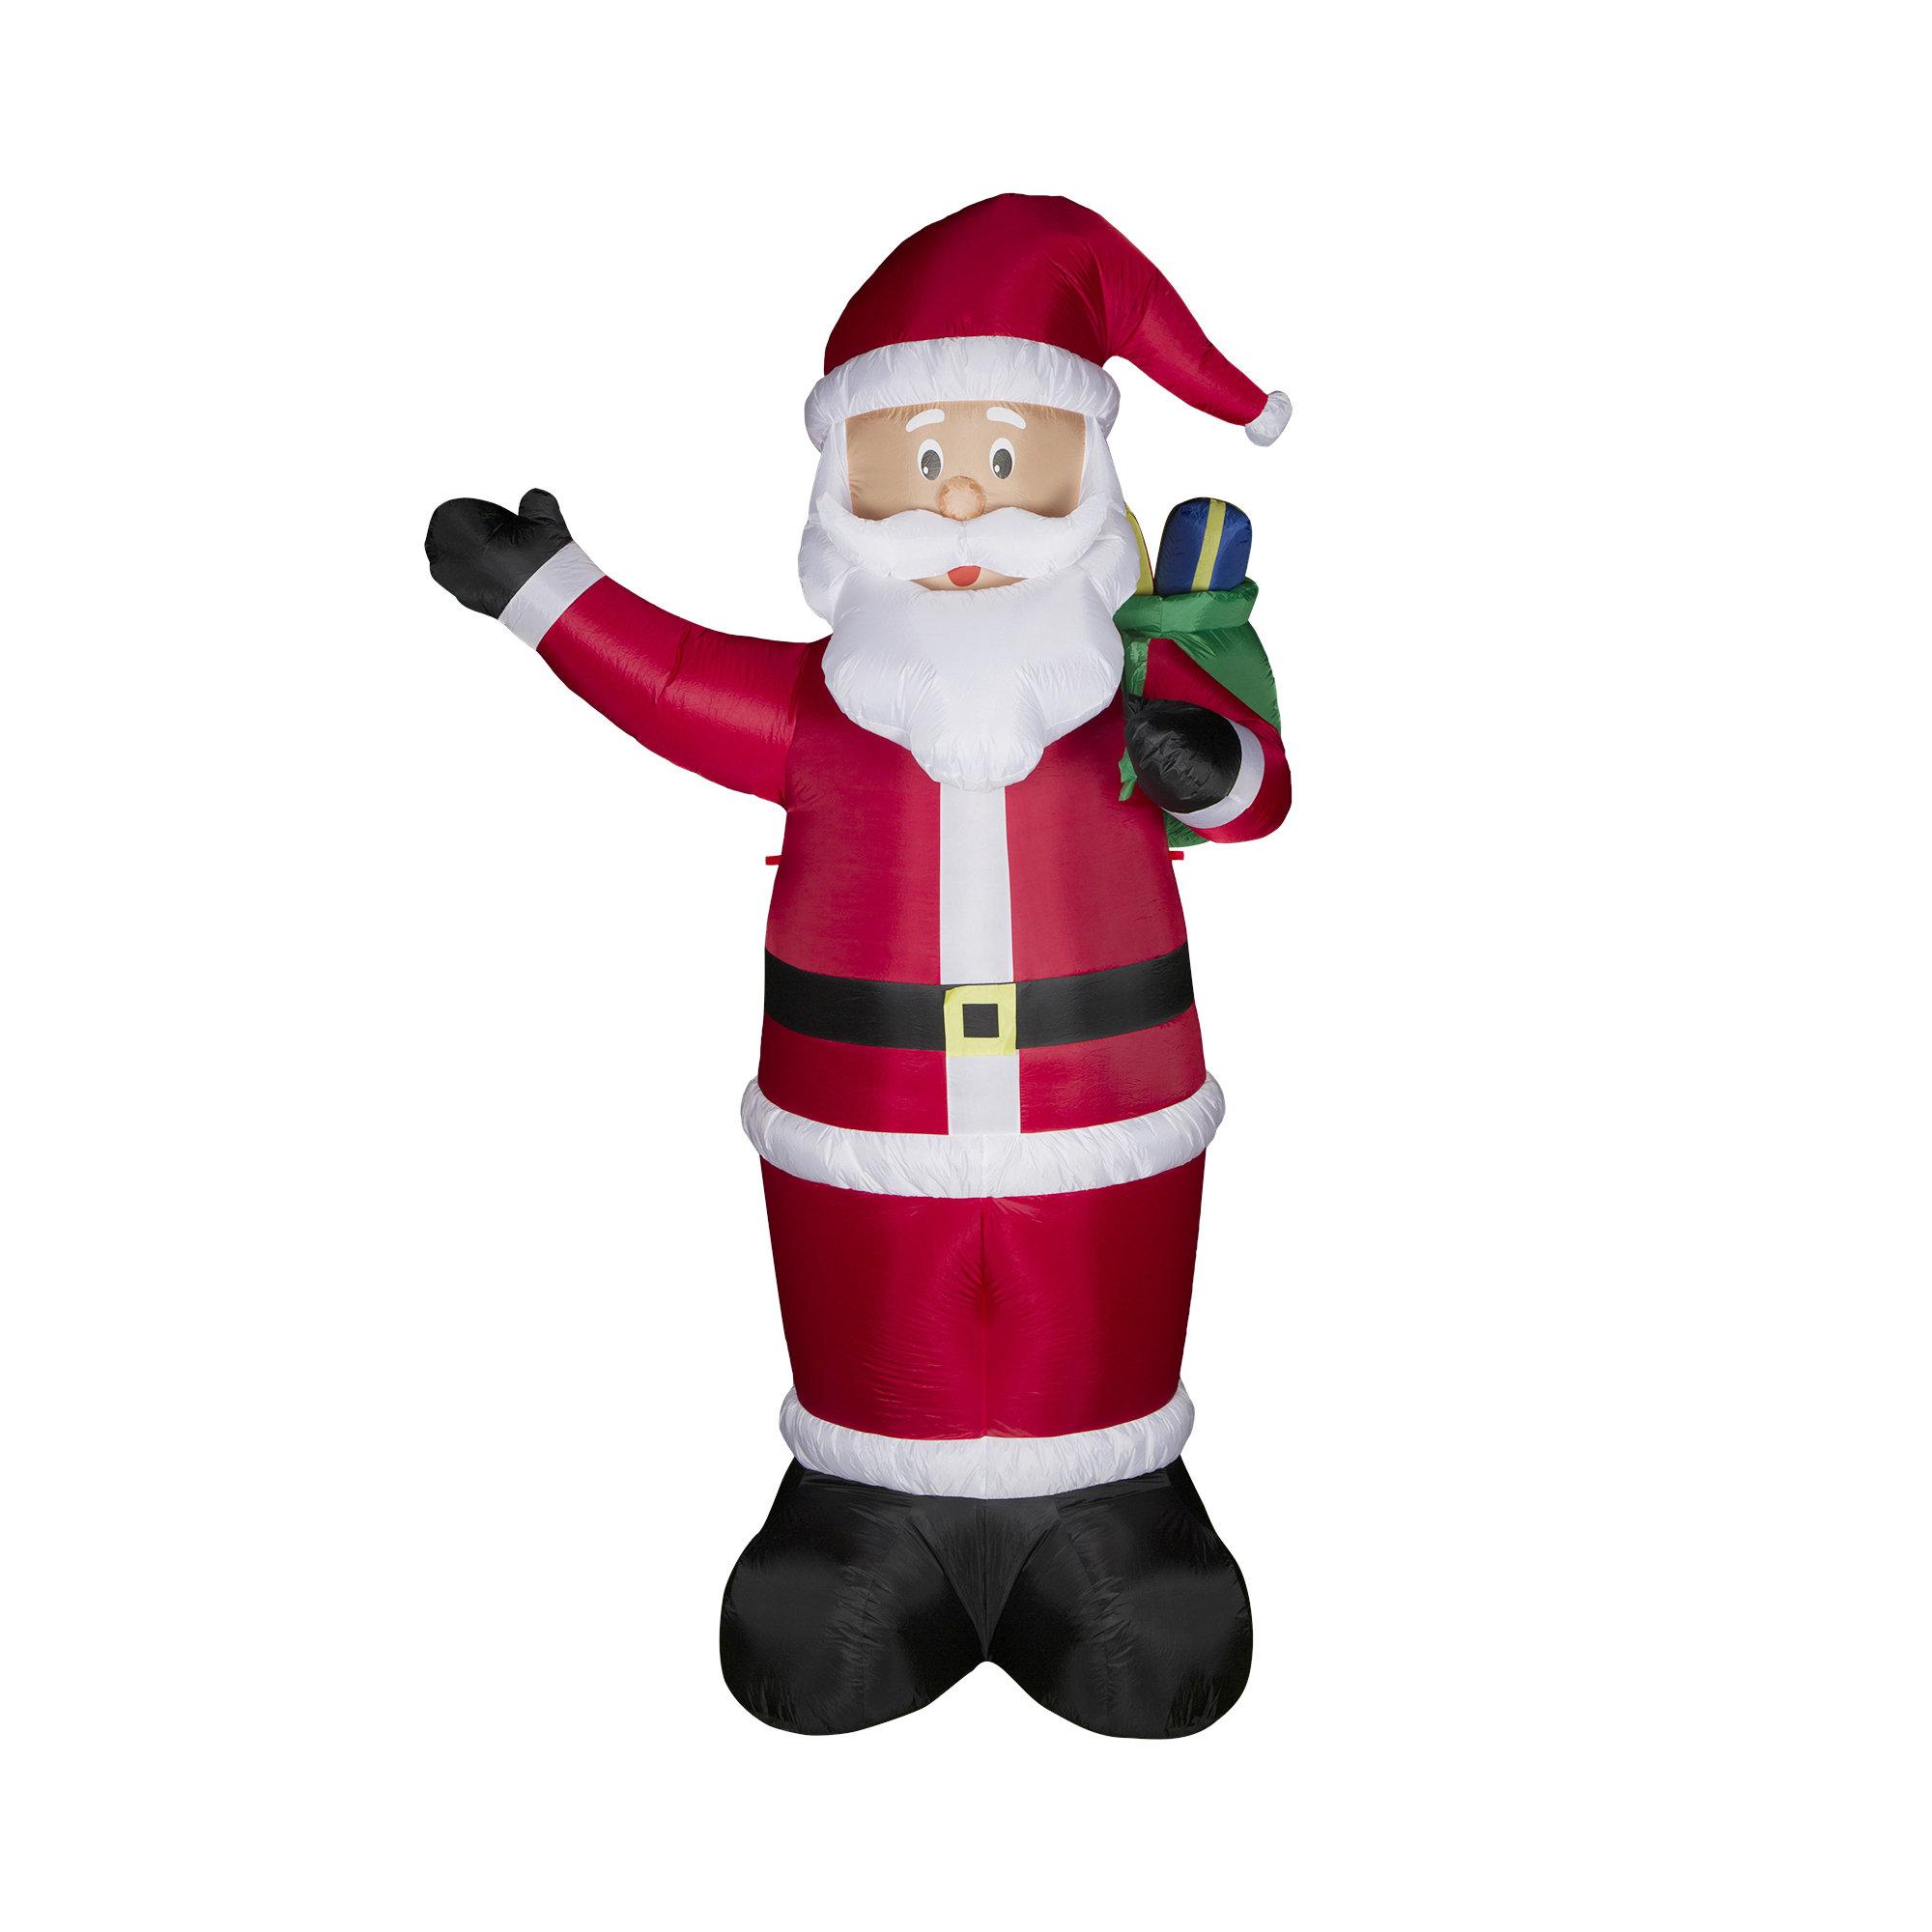 Glitzhome Lighted Santa Decor Inflatable | Wayfair